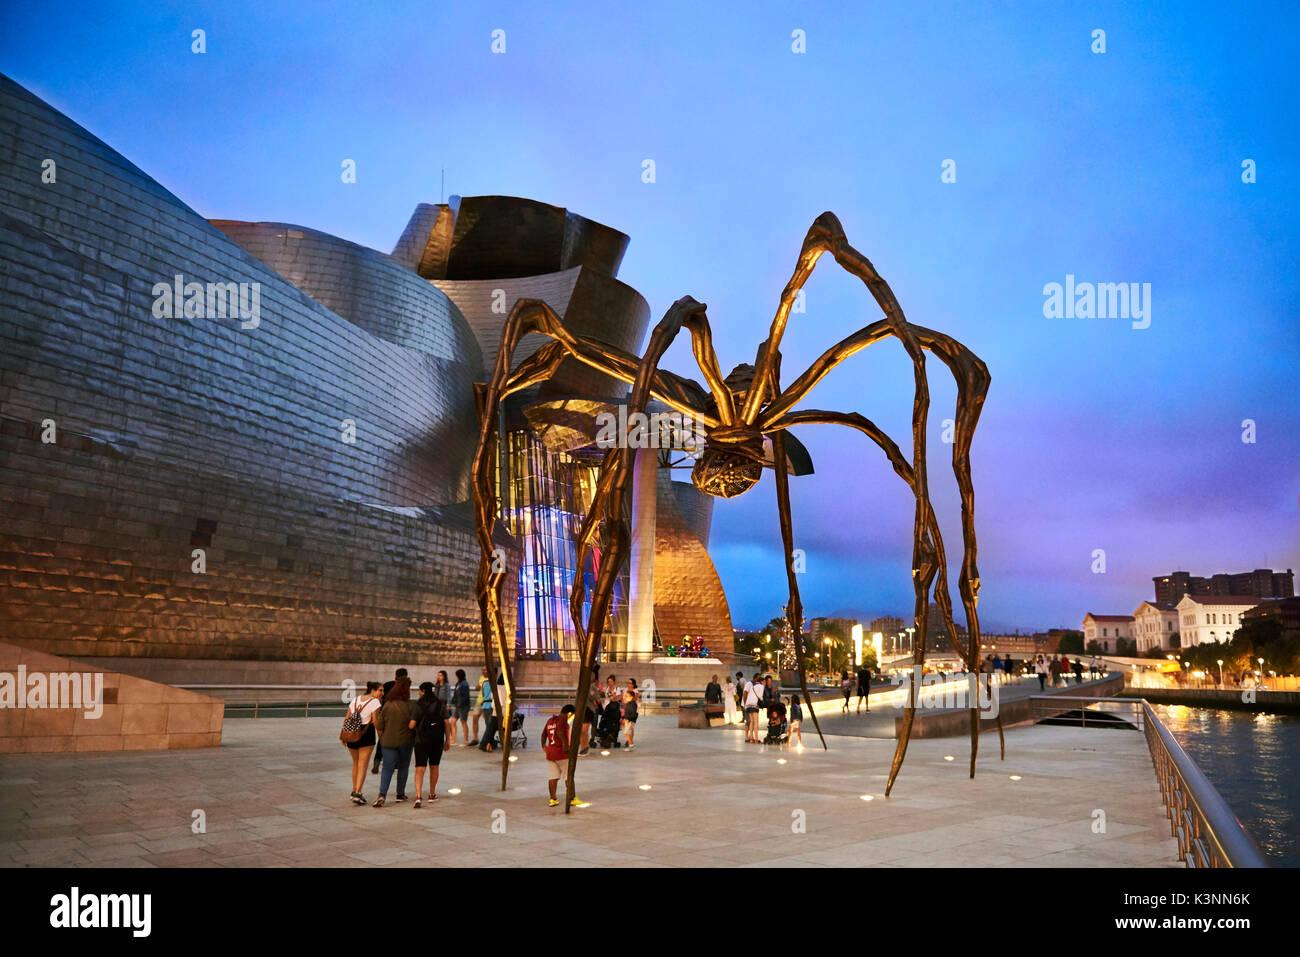 Museo Guggenheim al atardecer, Bilbao, Vizcaya, País Vasco, España, Europa Foto de stock